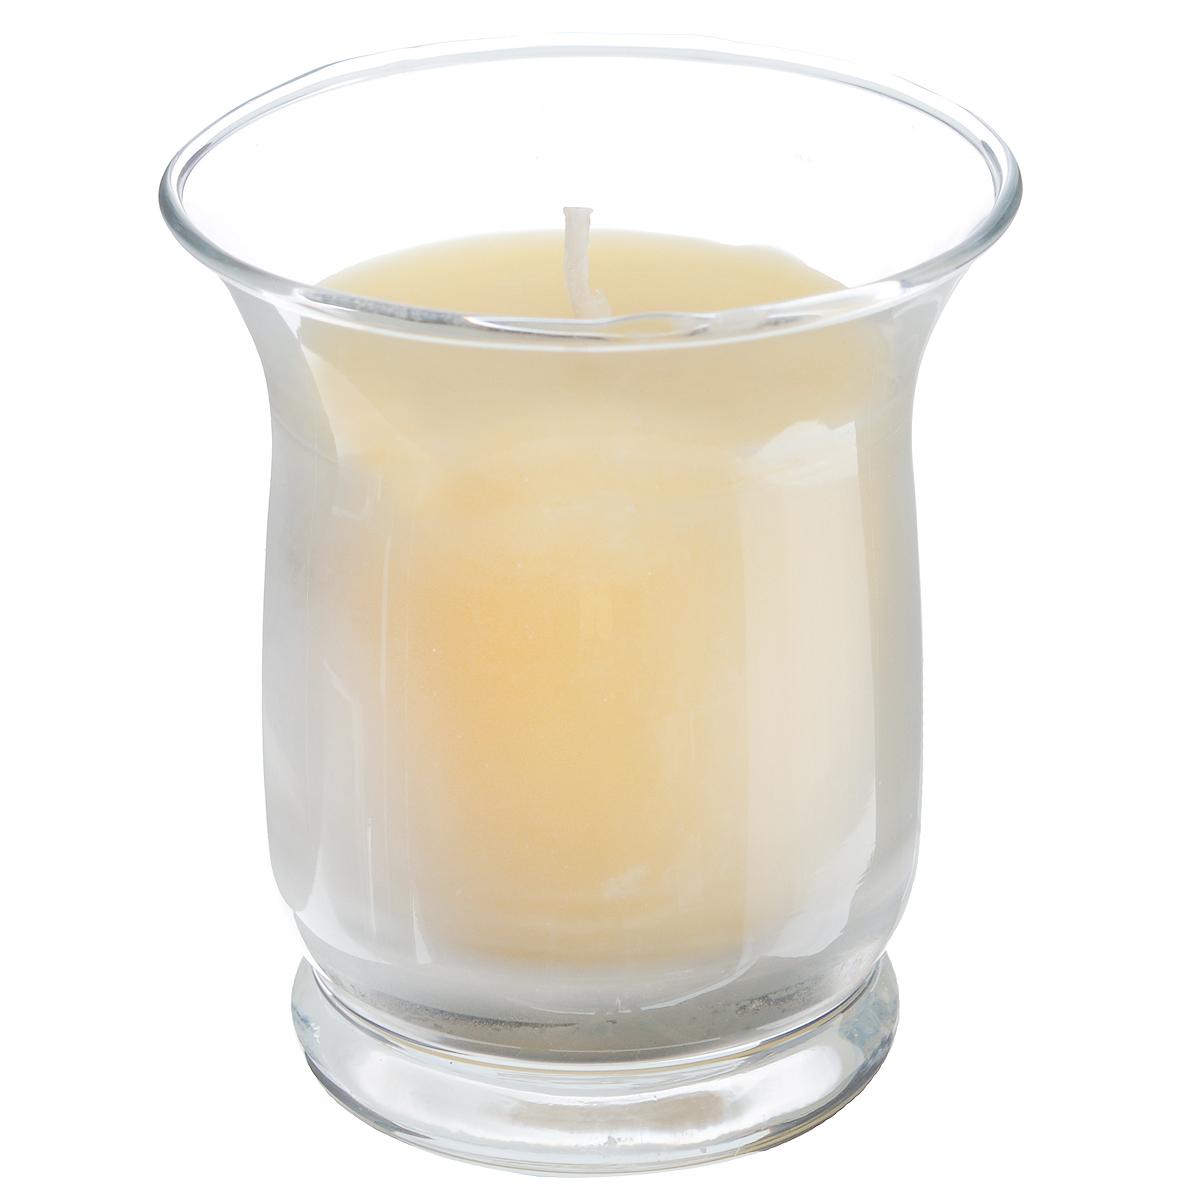 Свеча ароматизированная Sima-land Романтика, с ароматом ванили, высота 7,5 см свеча ароматизированная sima land лимон на подставке высота 6 см